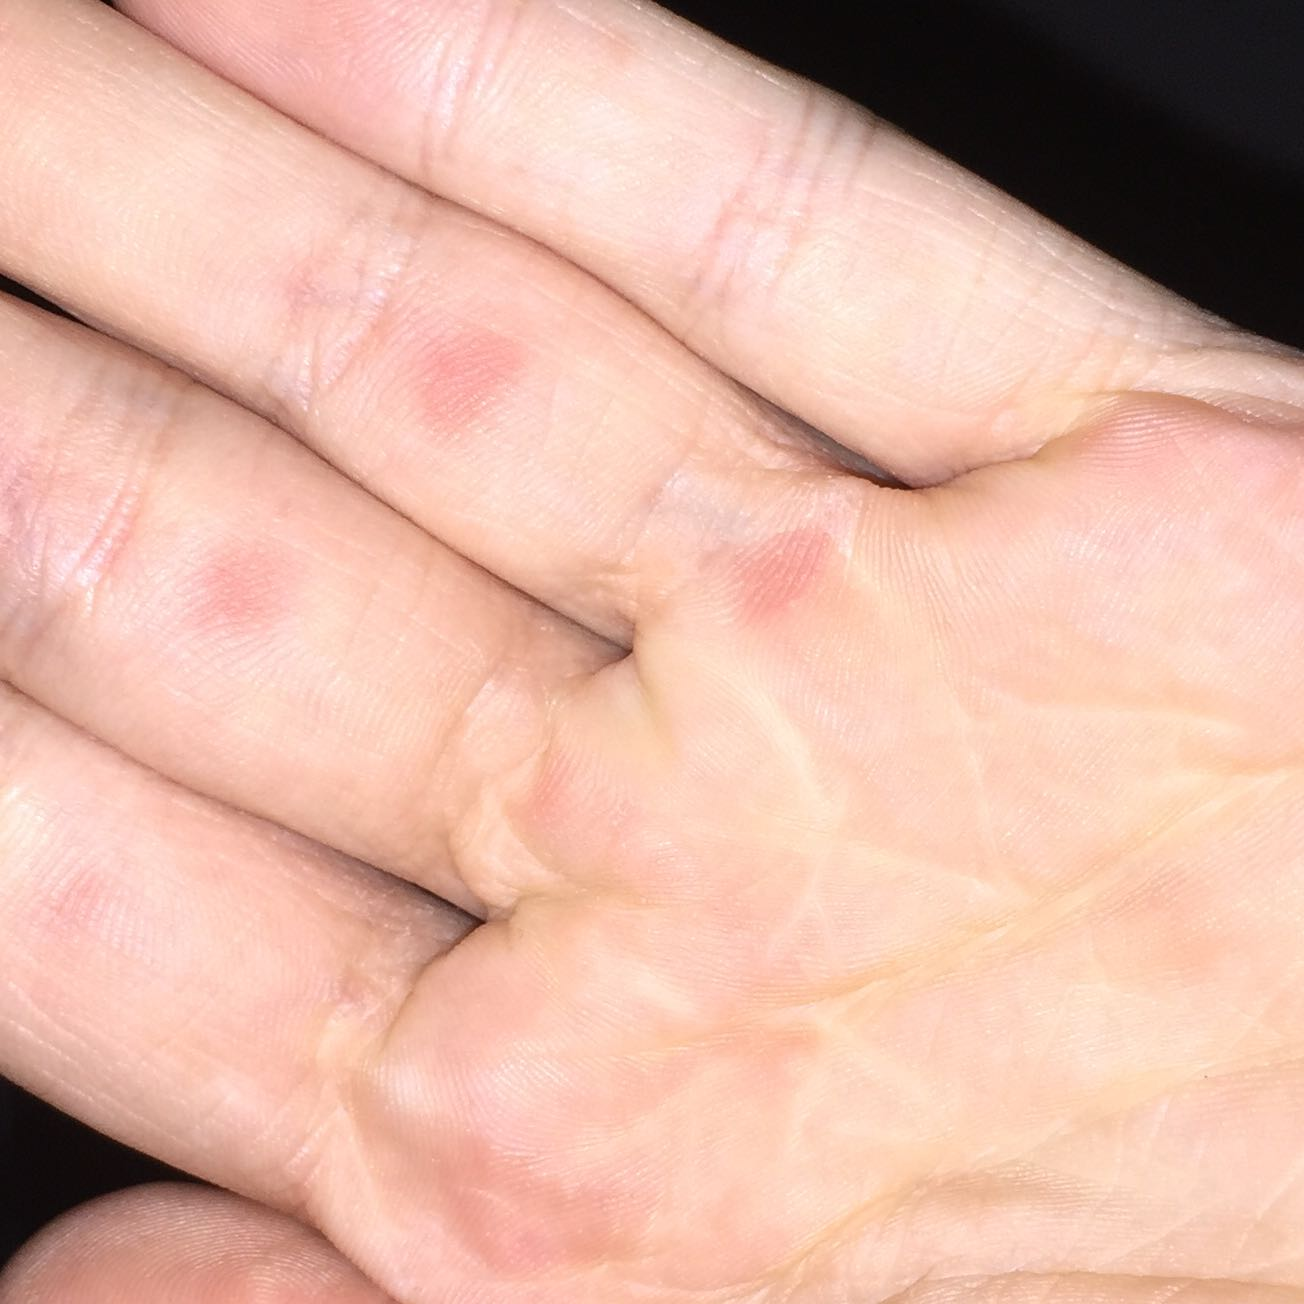 kömische rote punkte auf der linken hand, unterhalb der finger